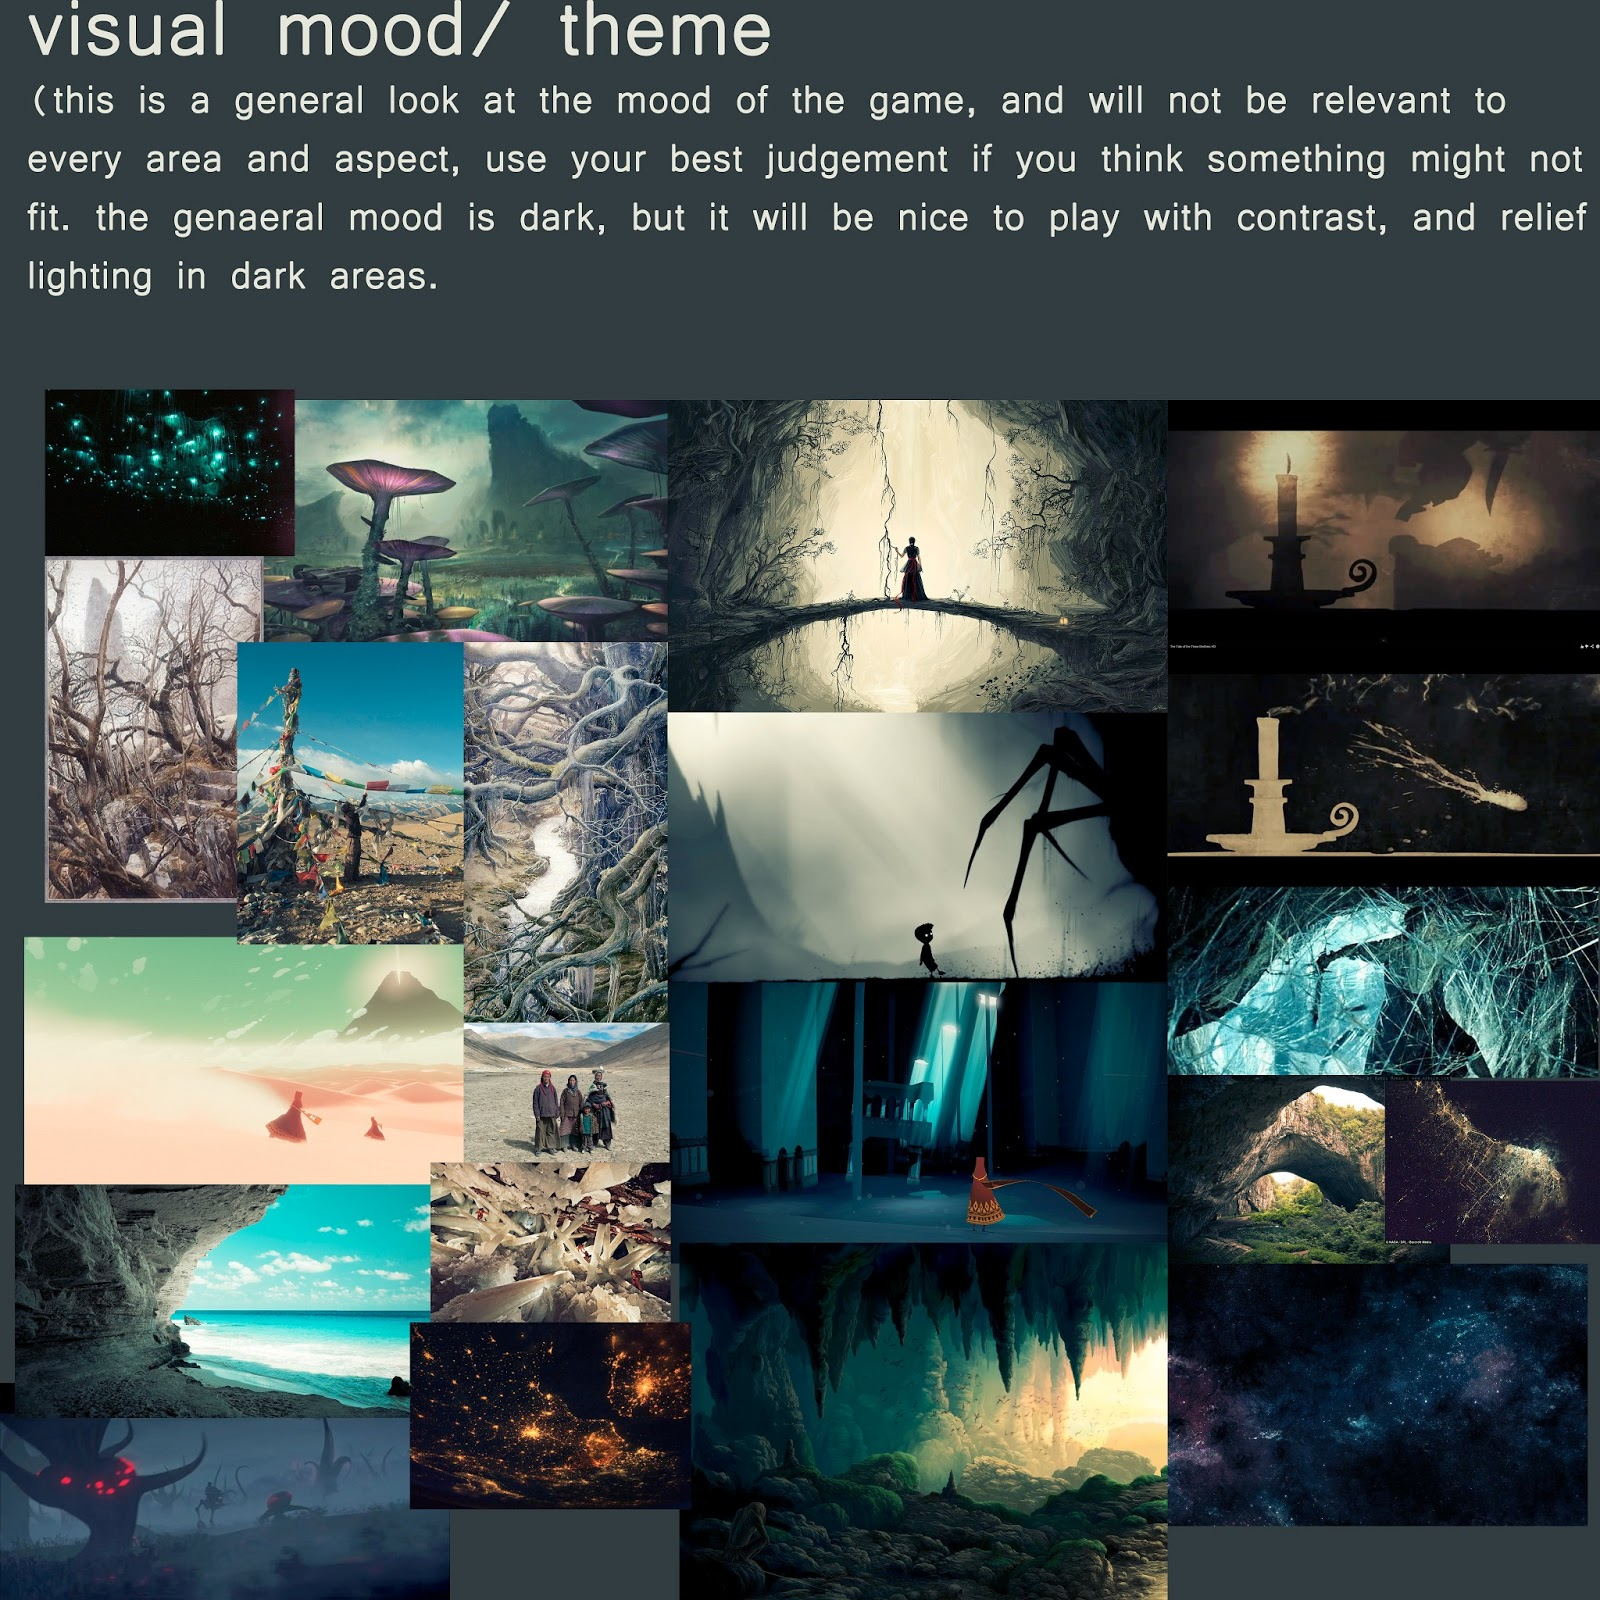 visual_mood-moodboard copy.jpg